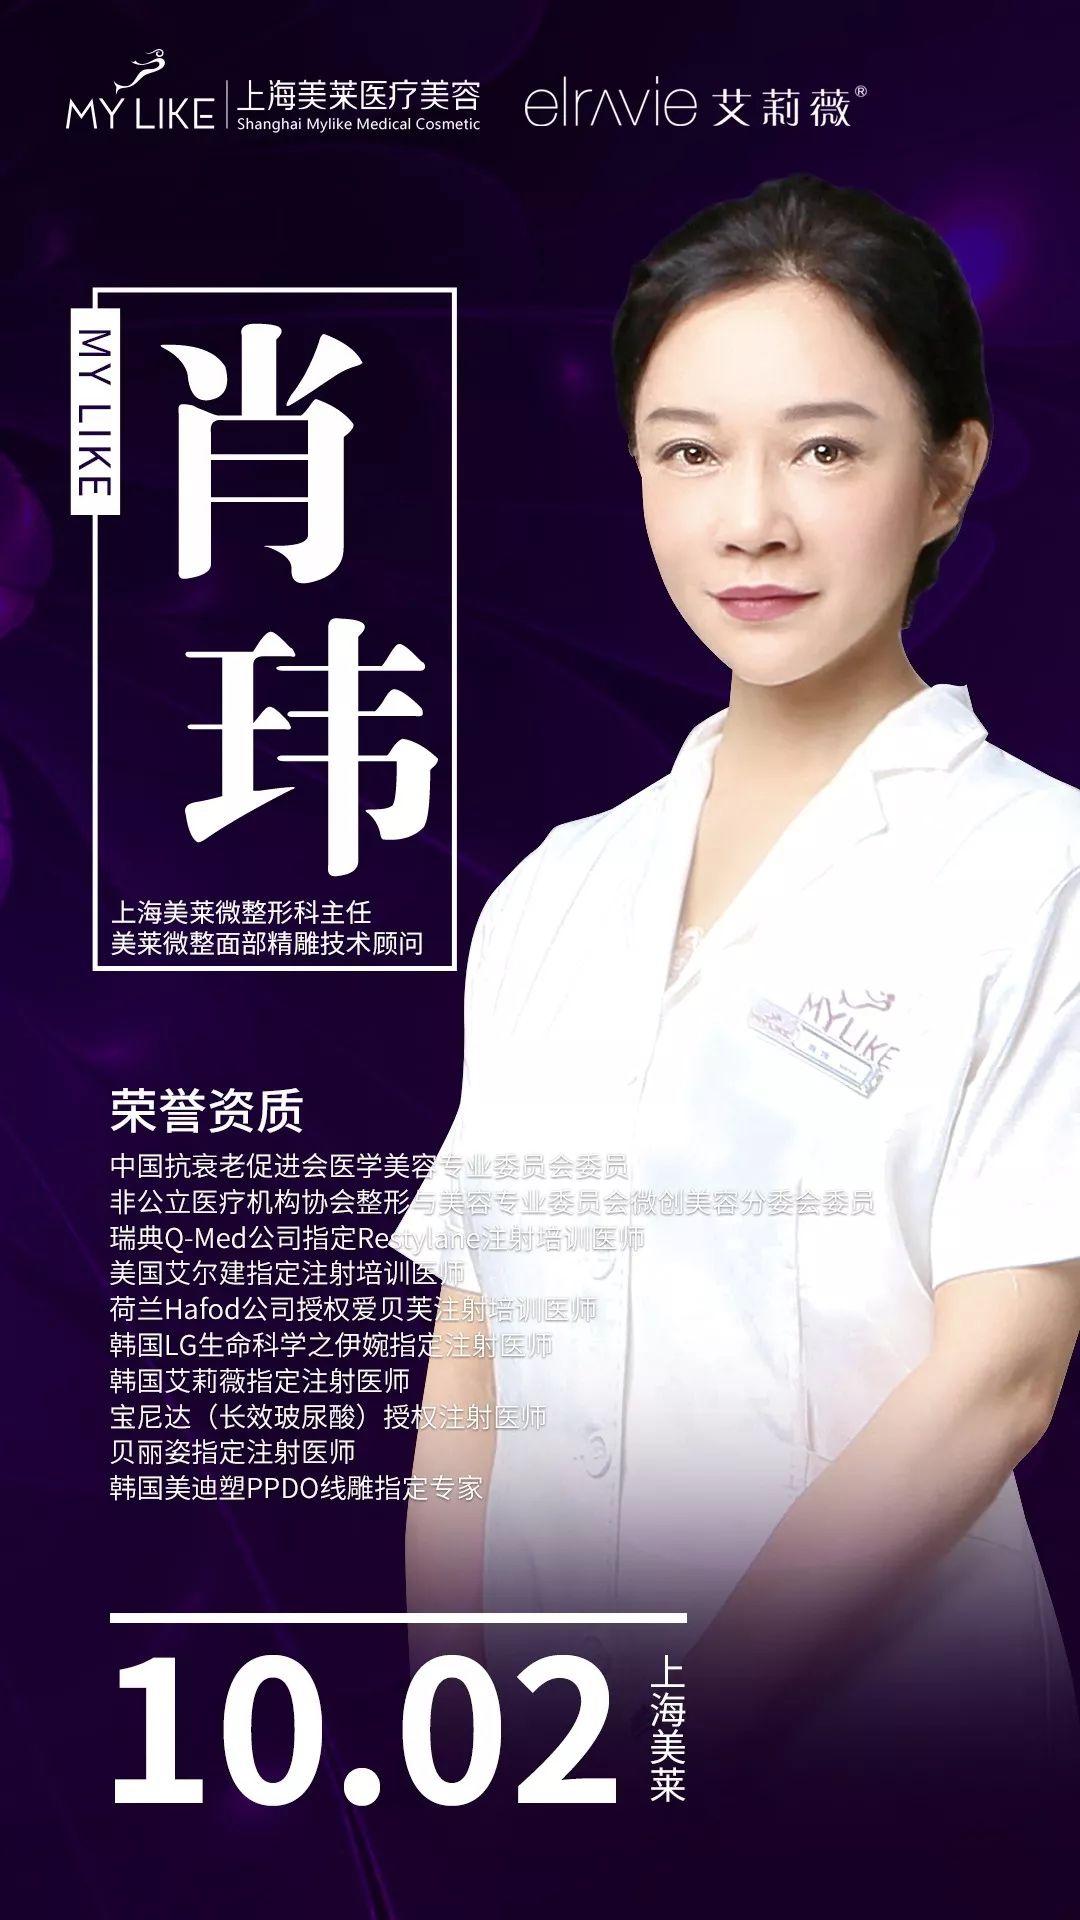 上海美莱【艾莉薇美丽+9沙龙会】10月2日现场免费打造!